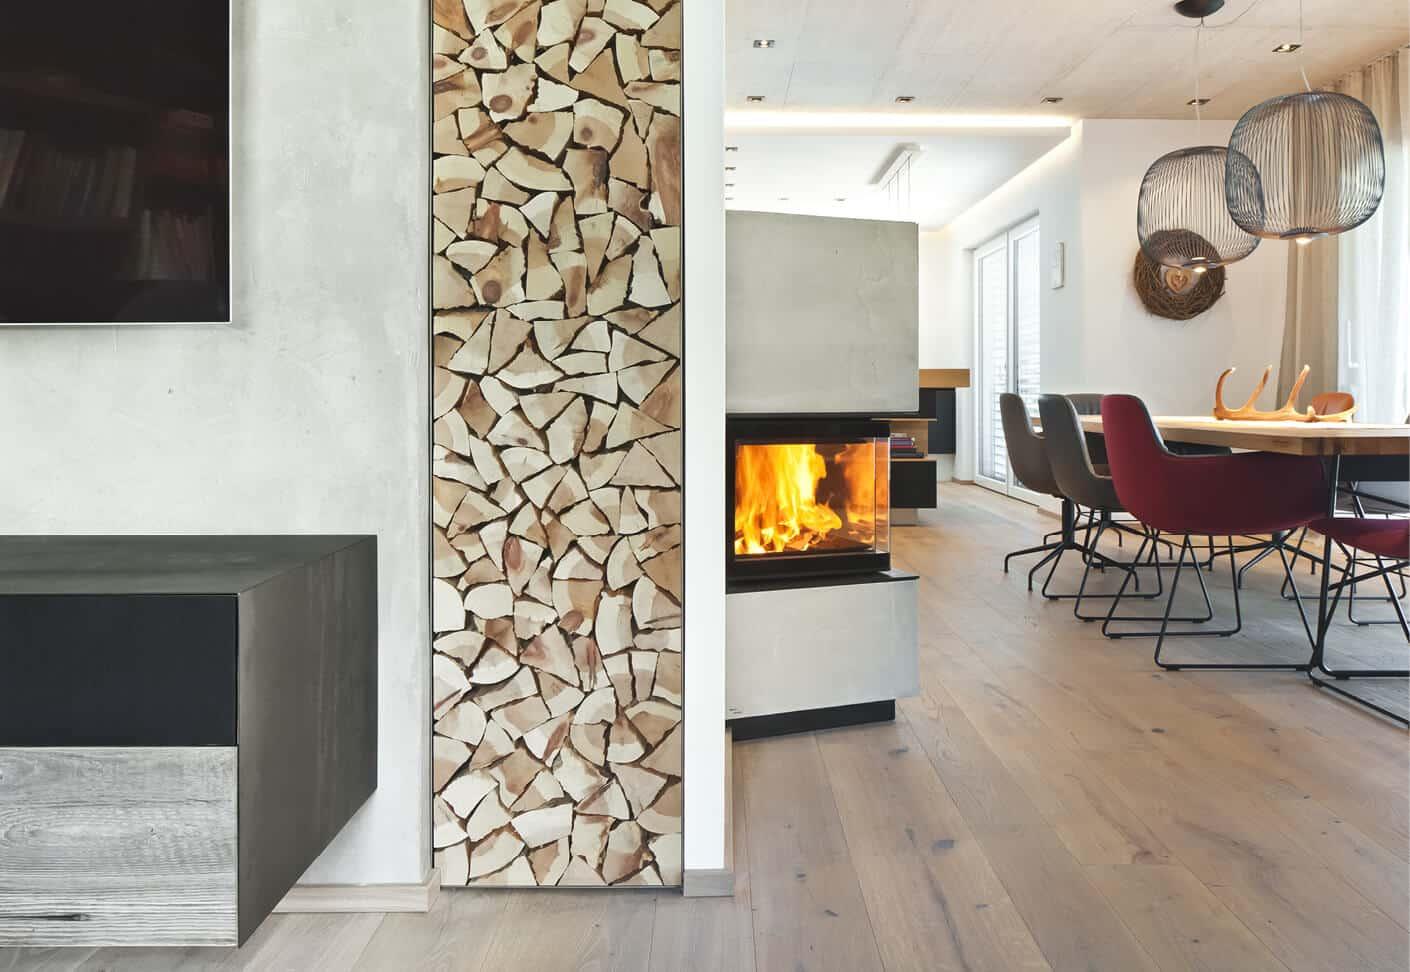 Speicherofen, daneben hoher Holzstoß in einem modernem Wohnraum